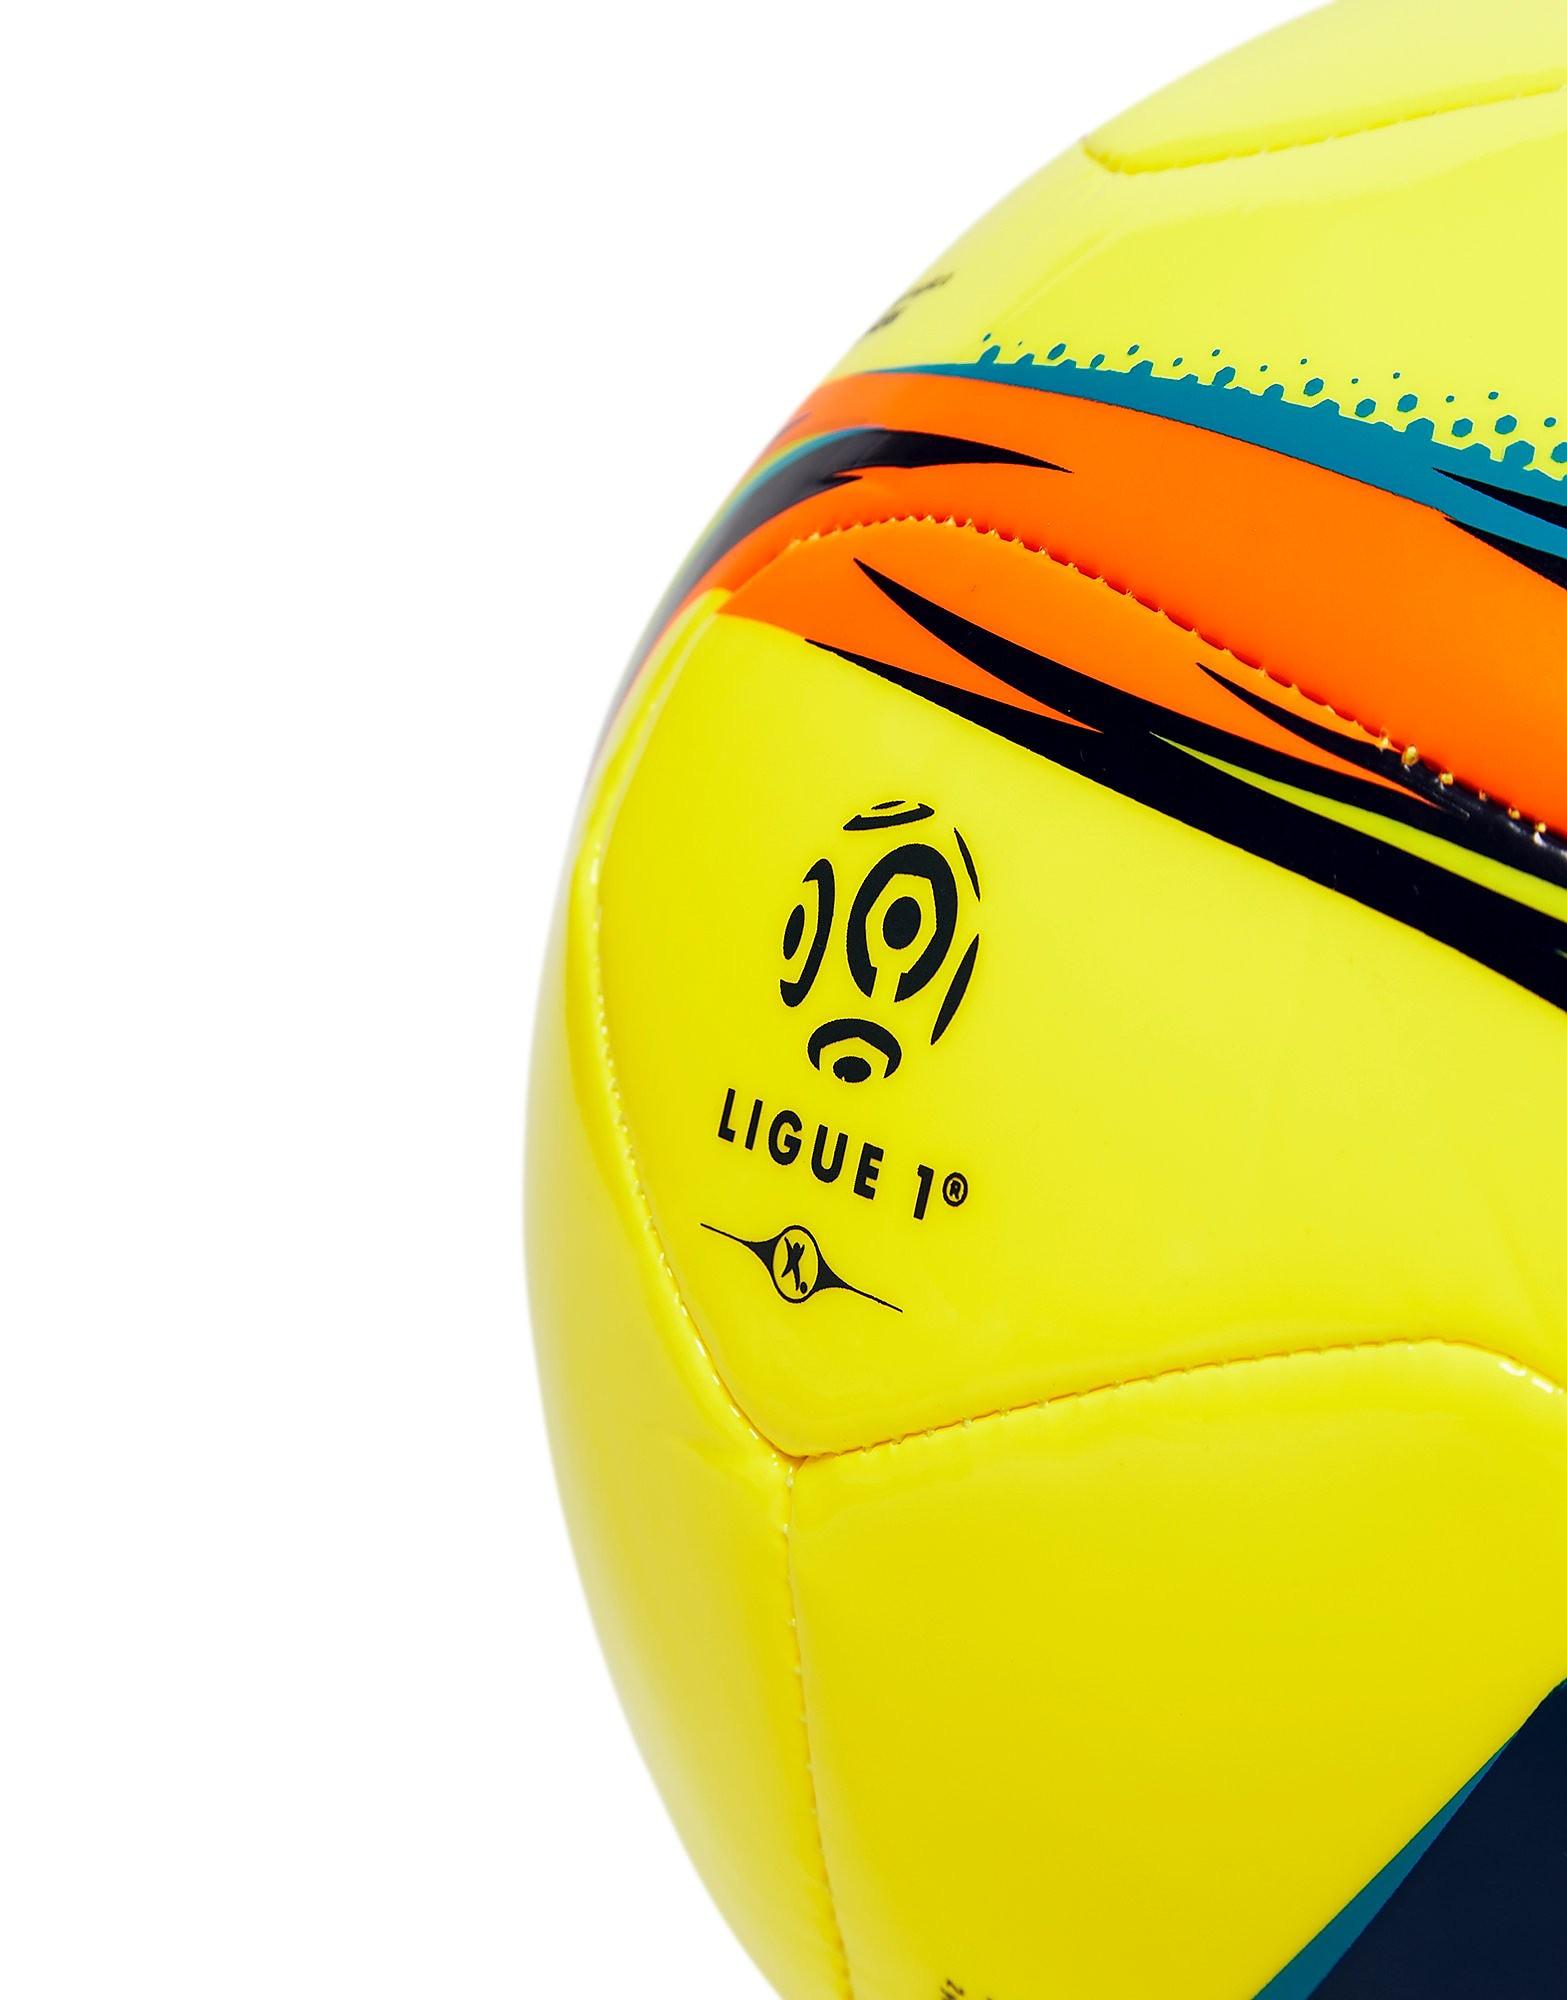 adidas Pro Ligue Glider Football